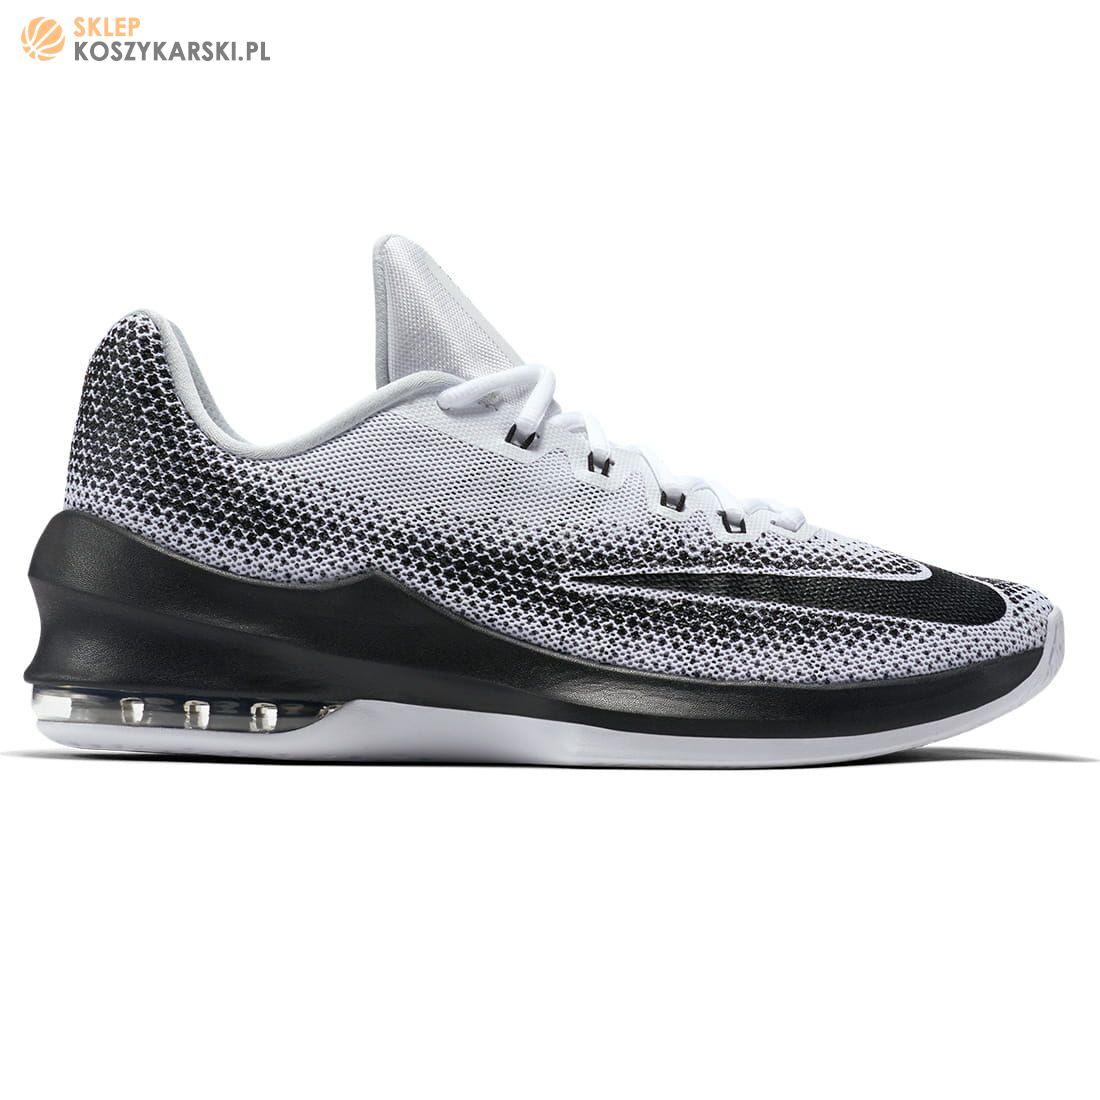 Buty do koszykówki Nike Air Max Infuriate Low (852457 100)